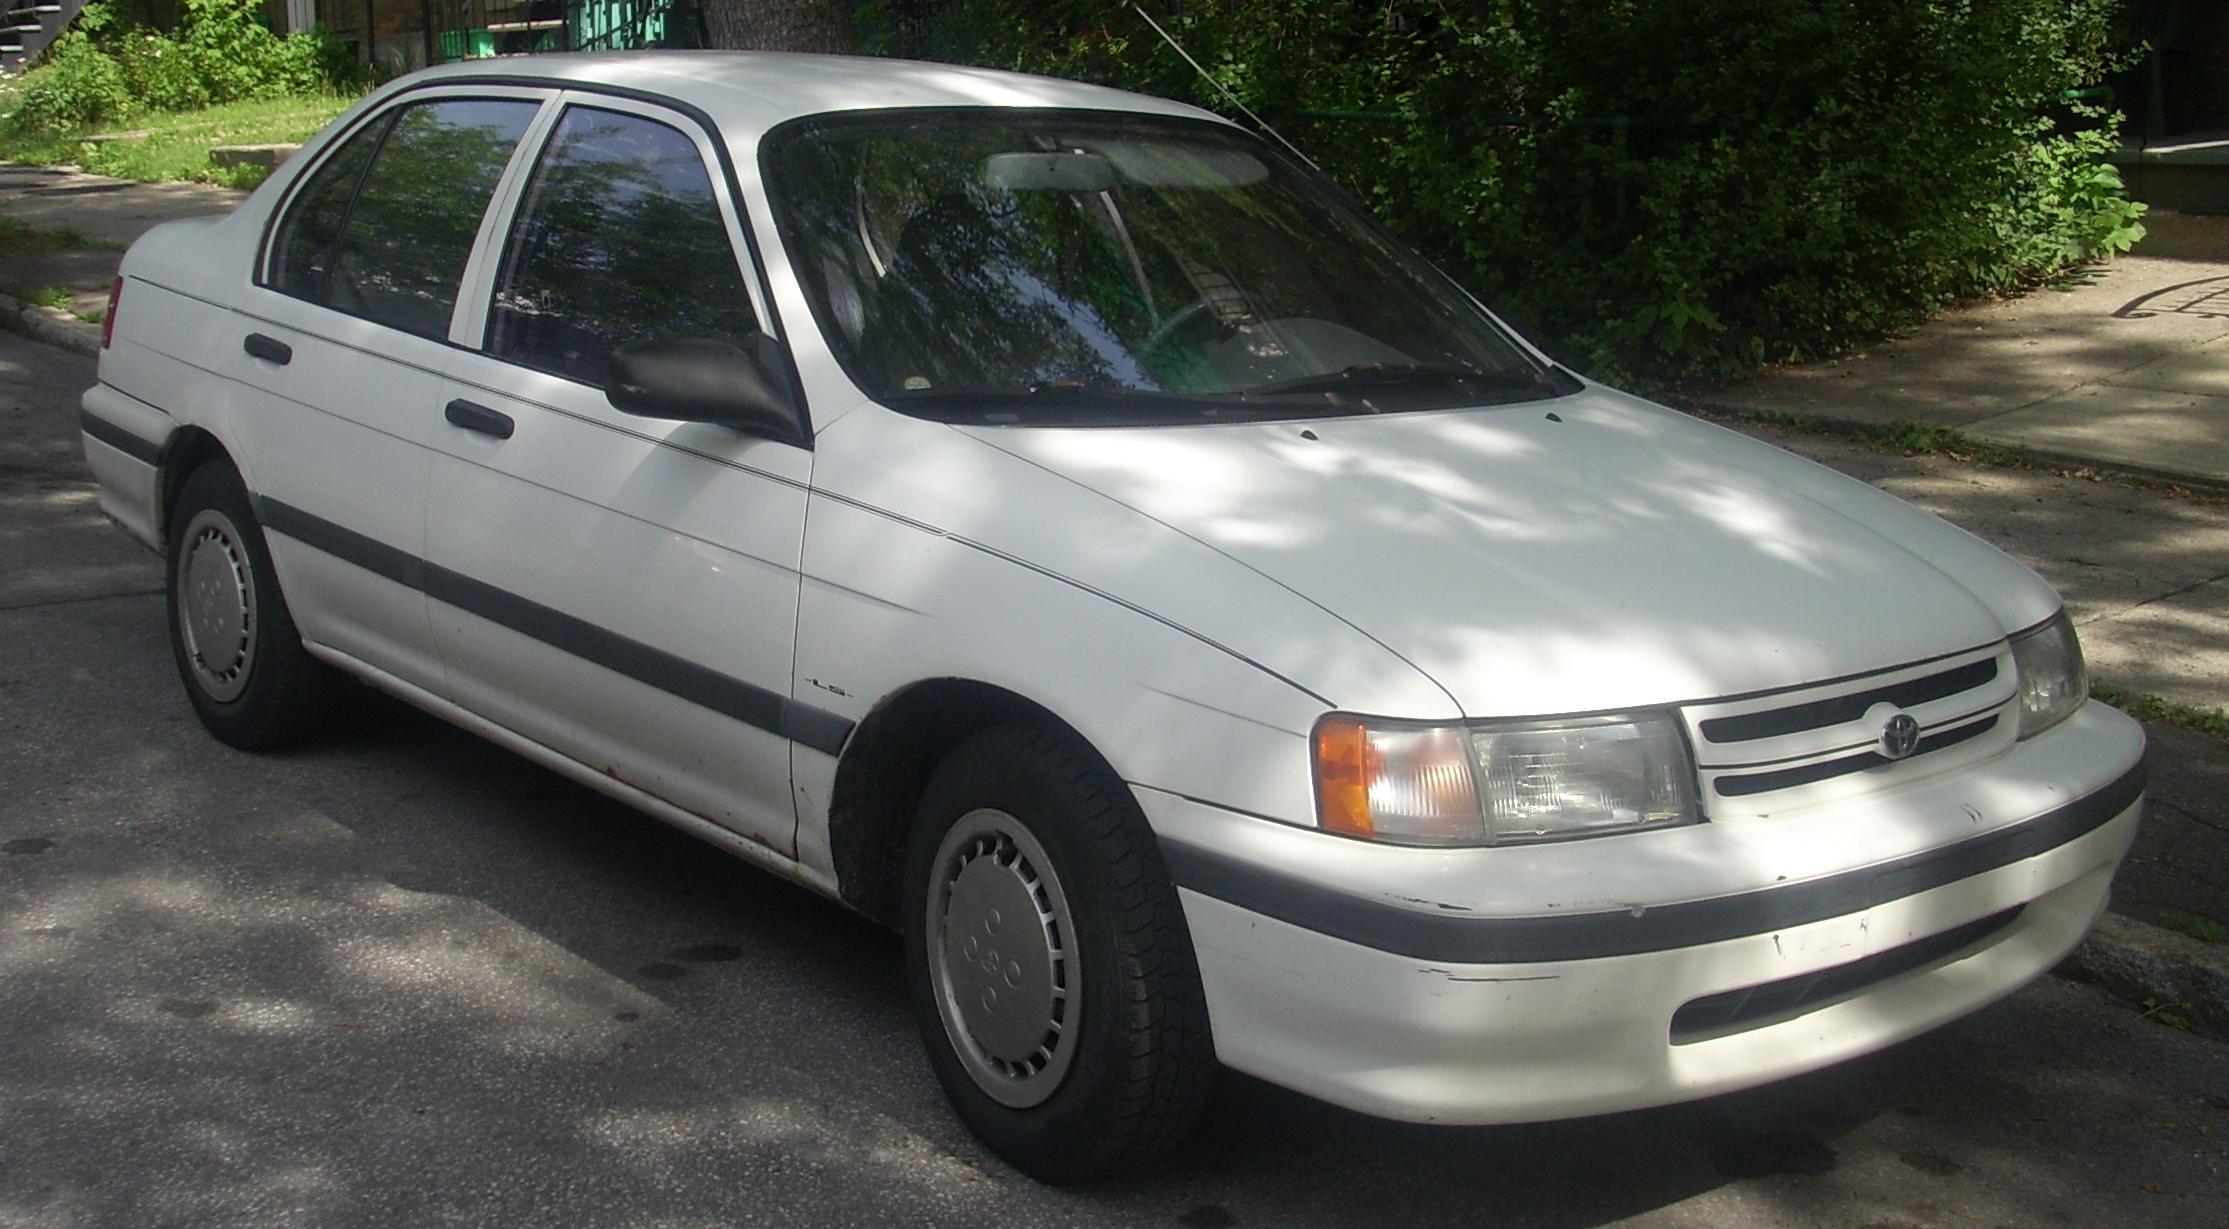 1993 Toyota Tercel DX 2-Door sedan